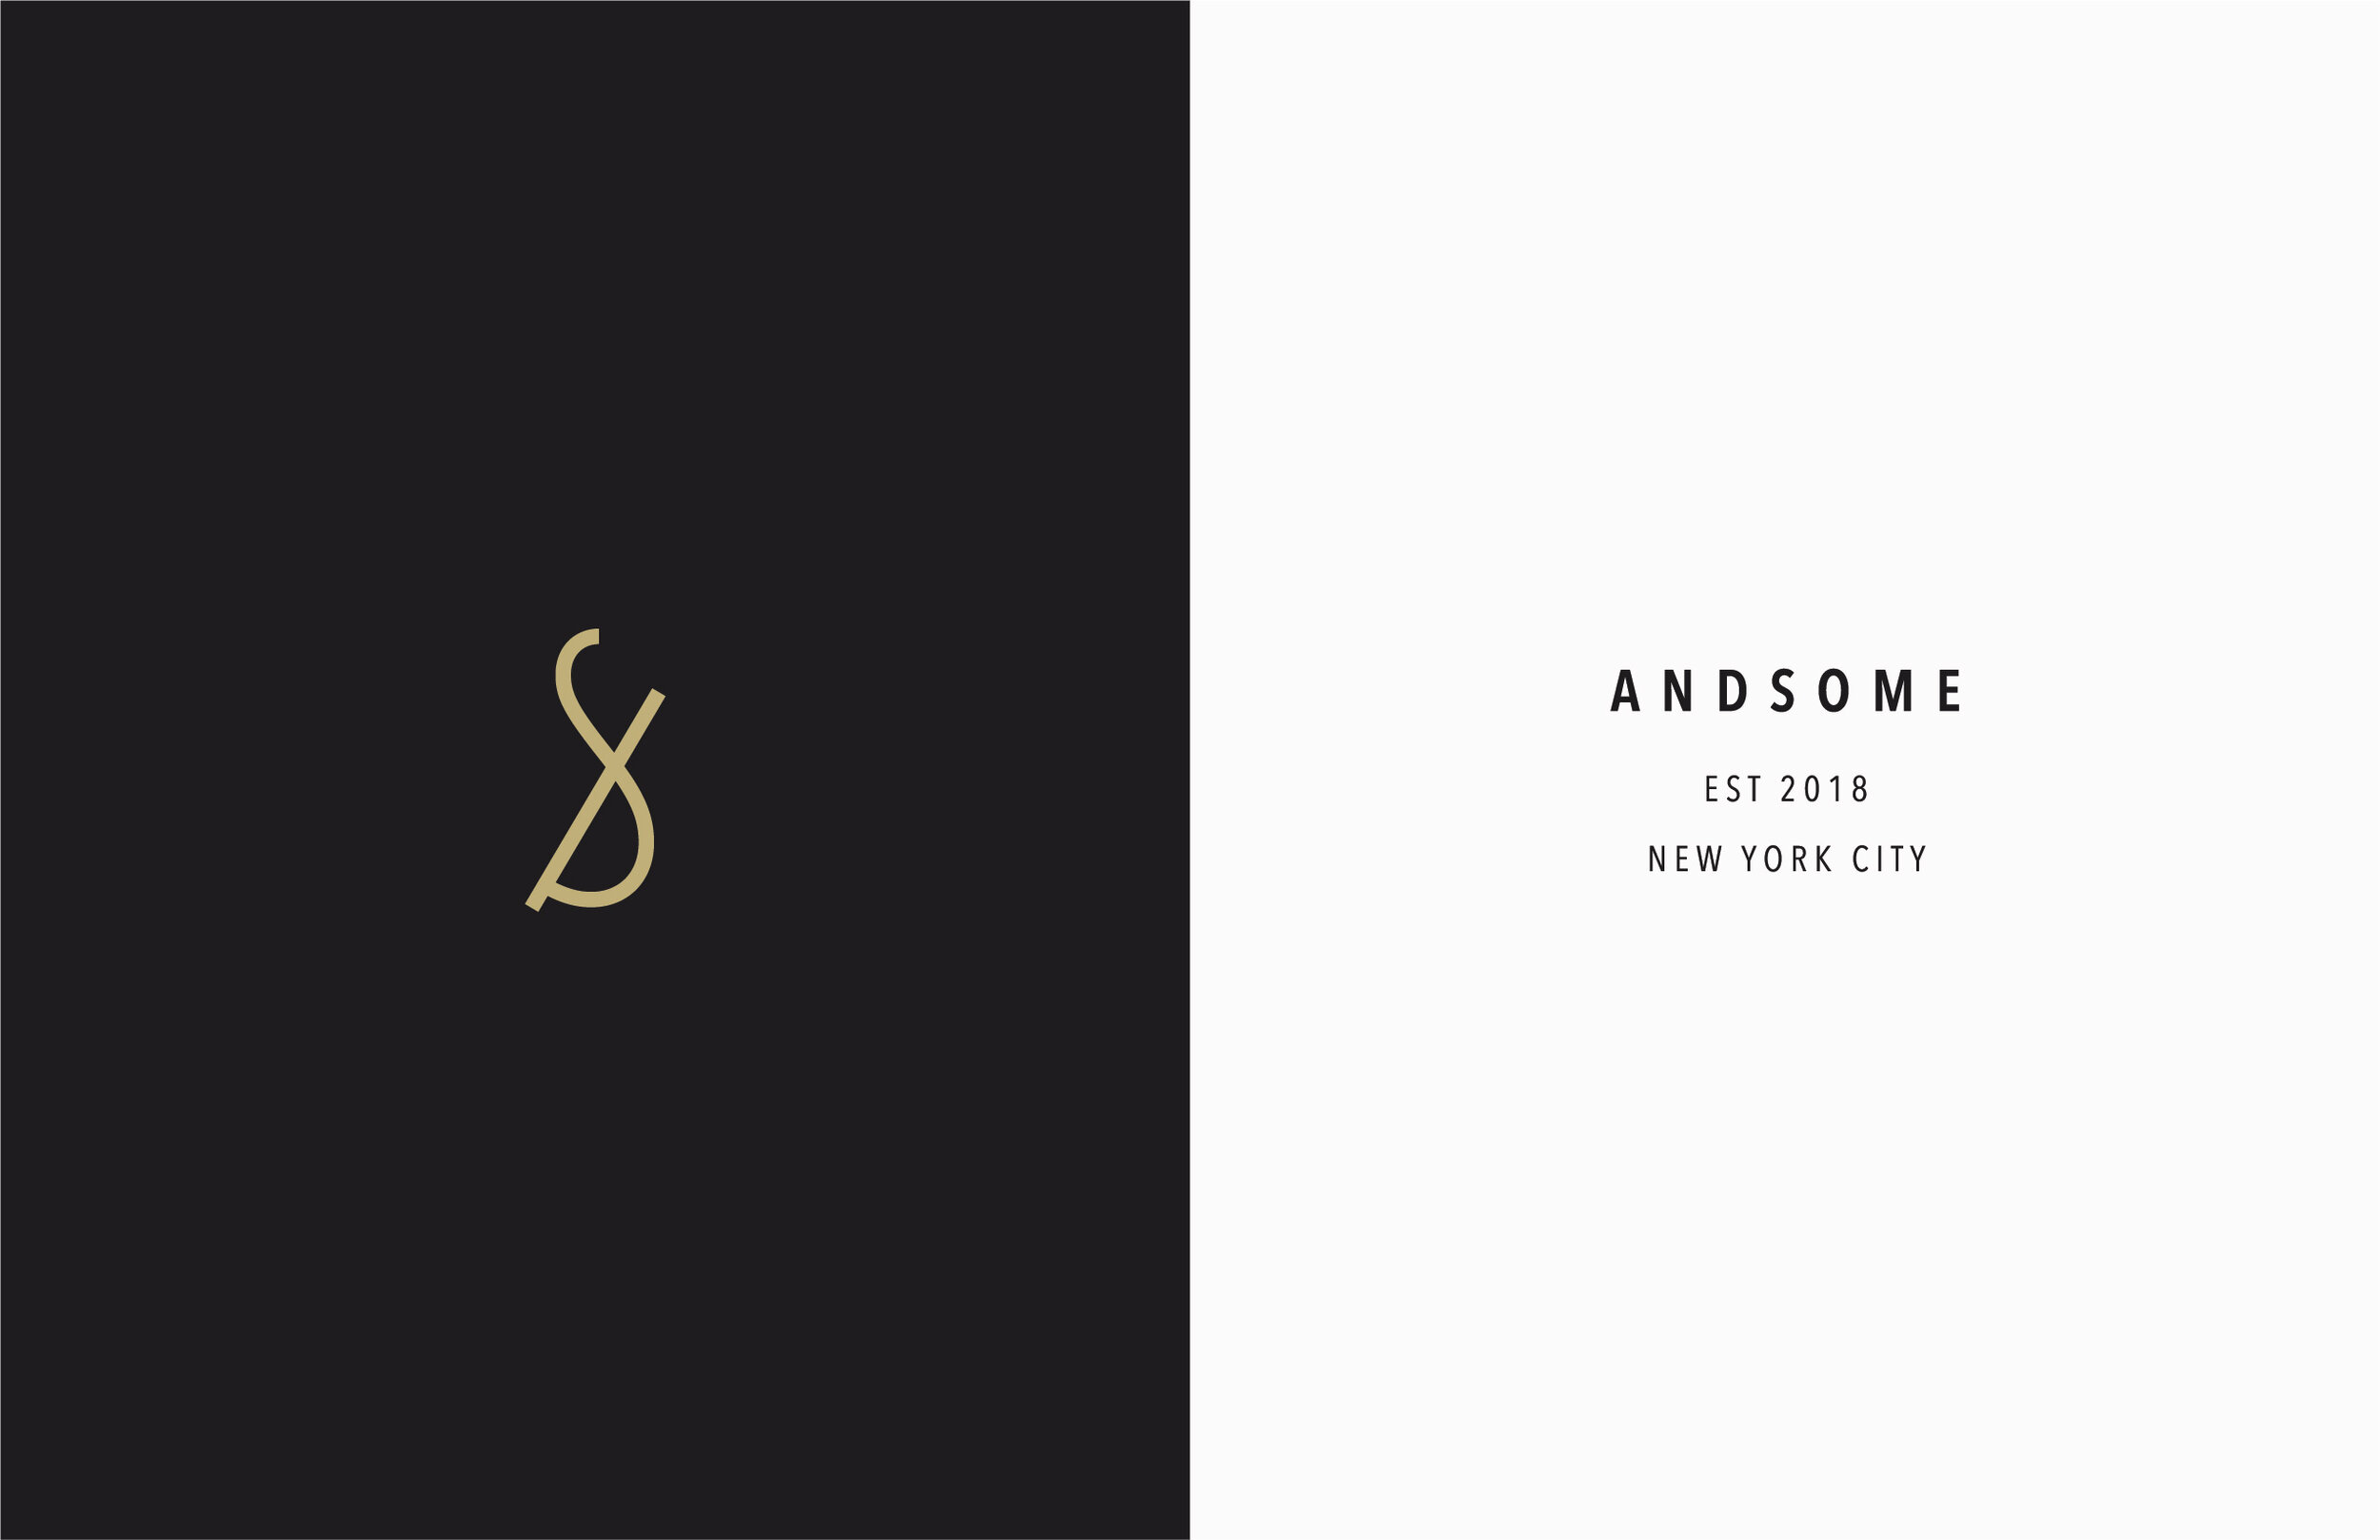 AndSomeLogo01-01.jpg